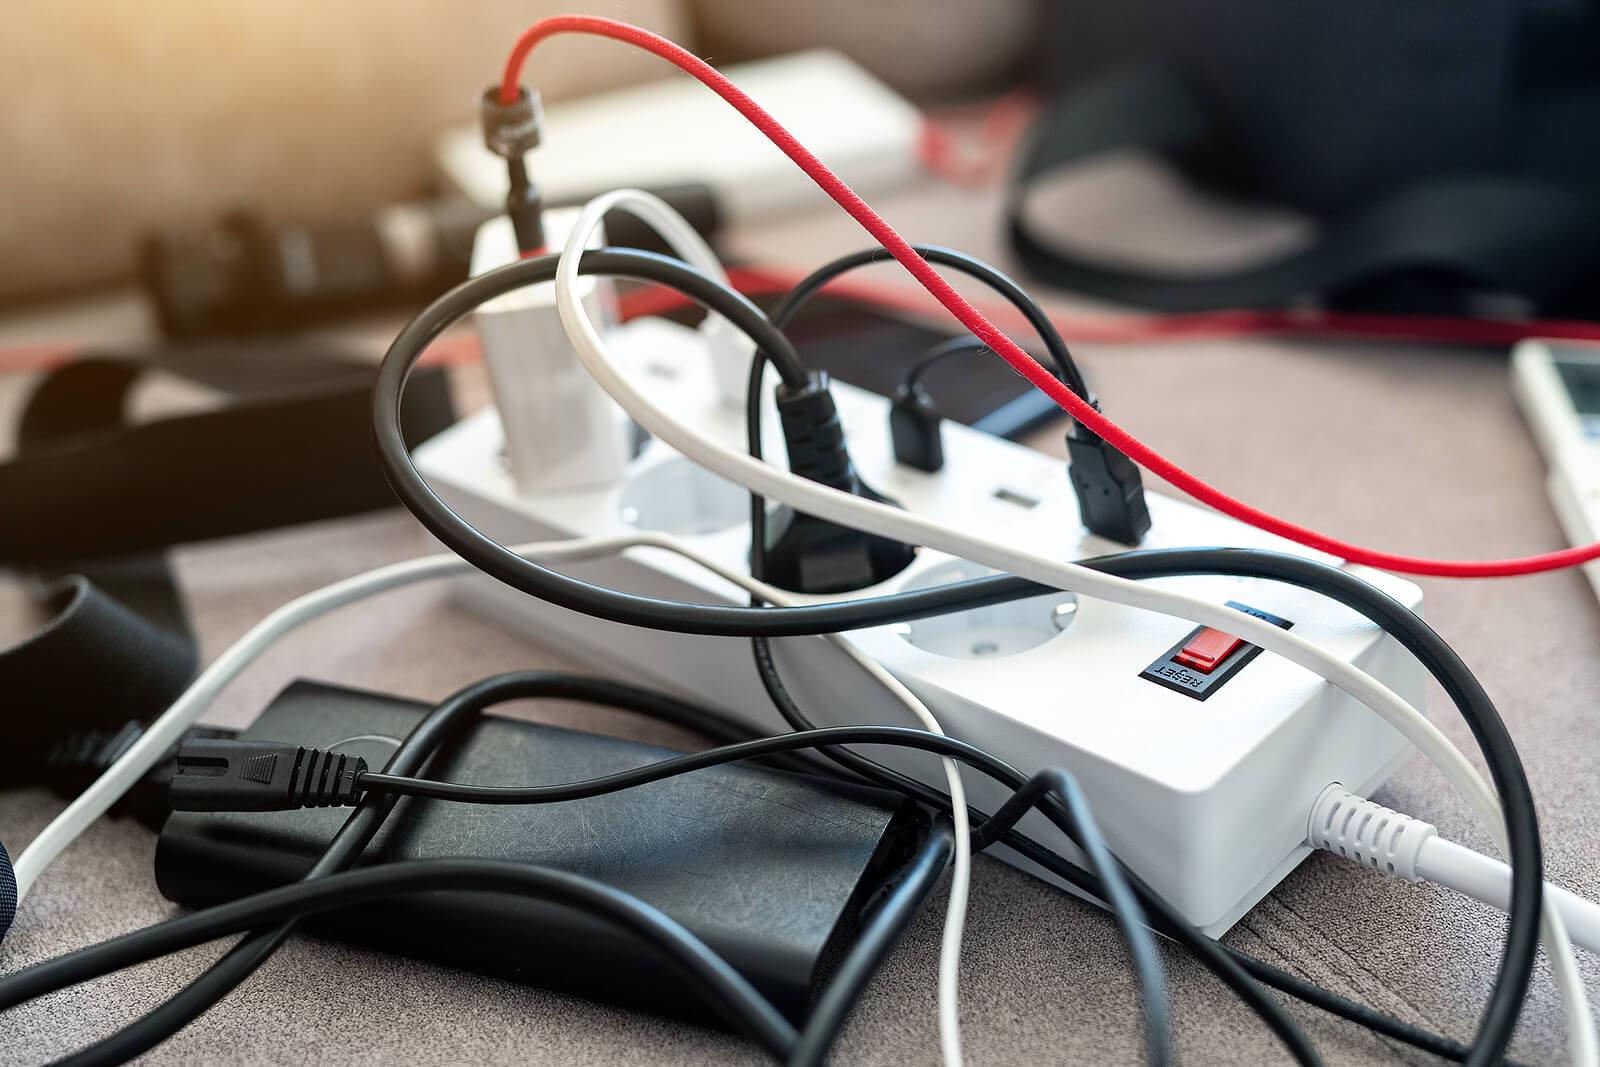 Never Plug Into Power Strip